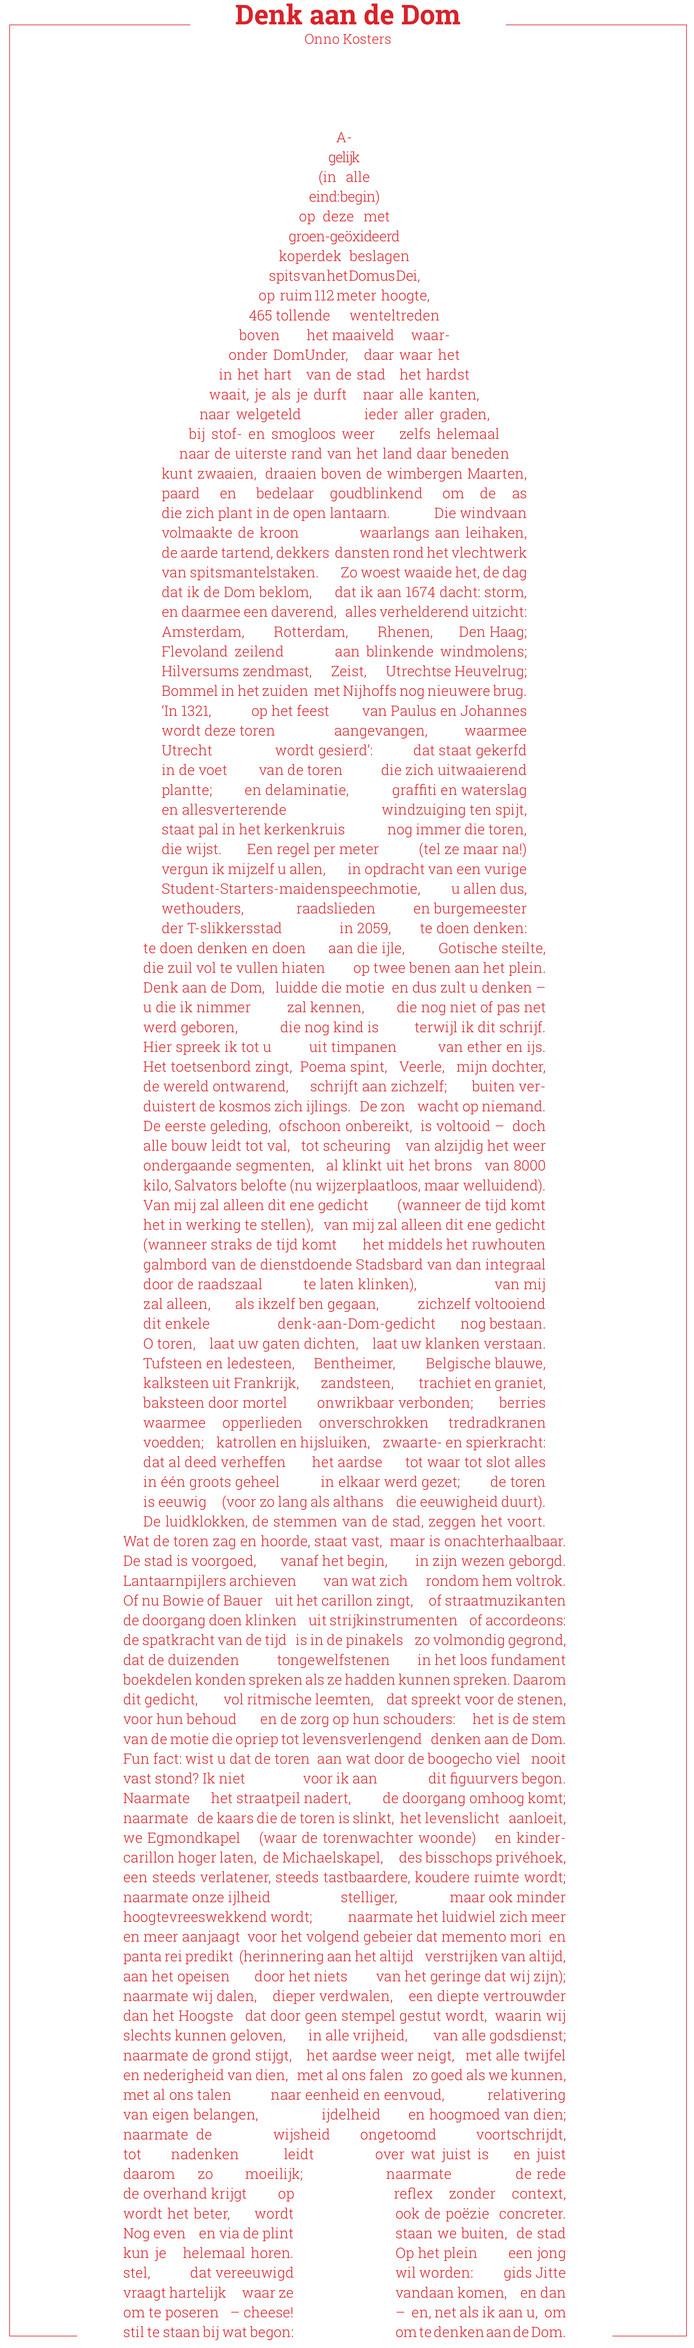 Gedicht Denk Aan De Dom In 112 Regels Daal Je De Domtoren